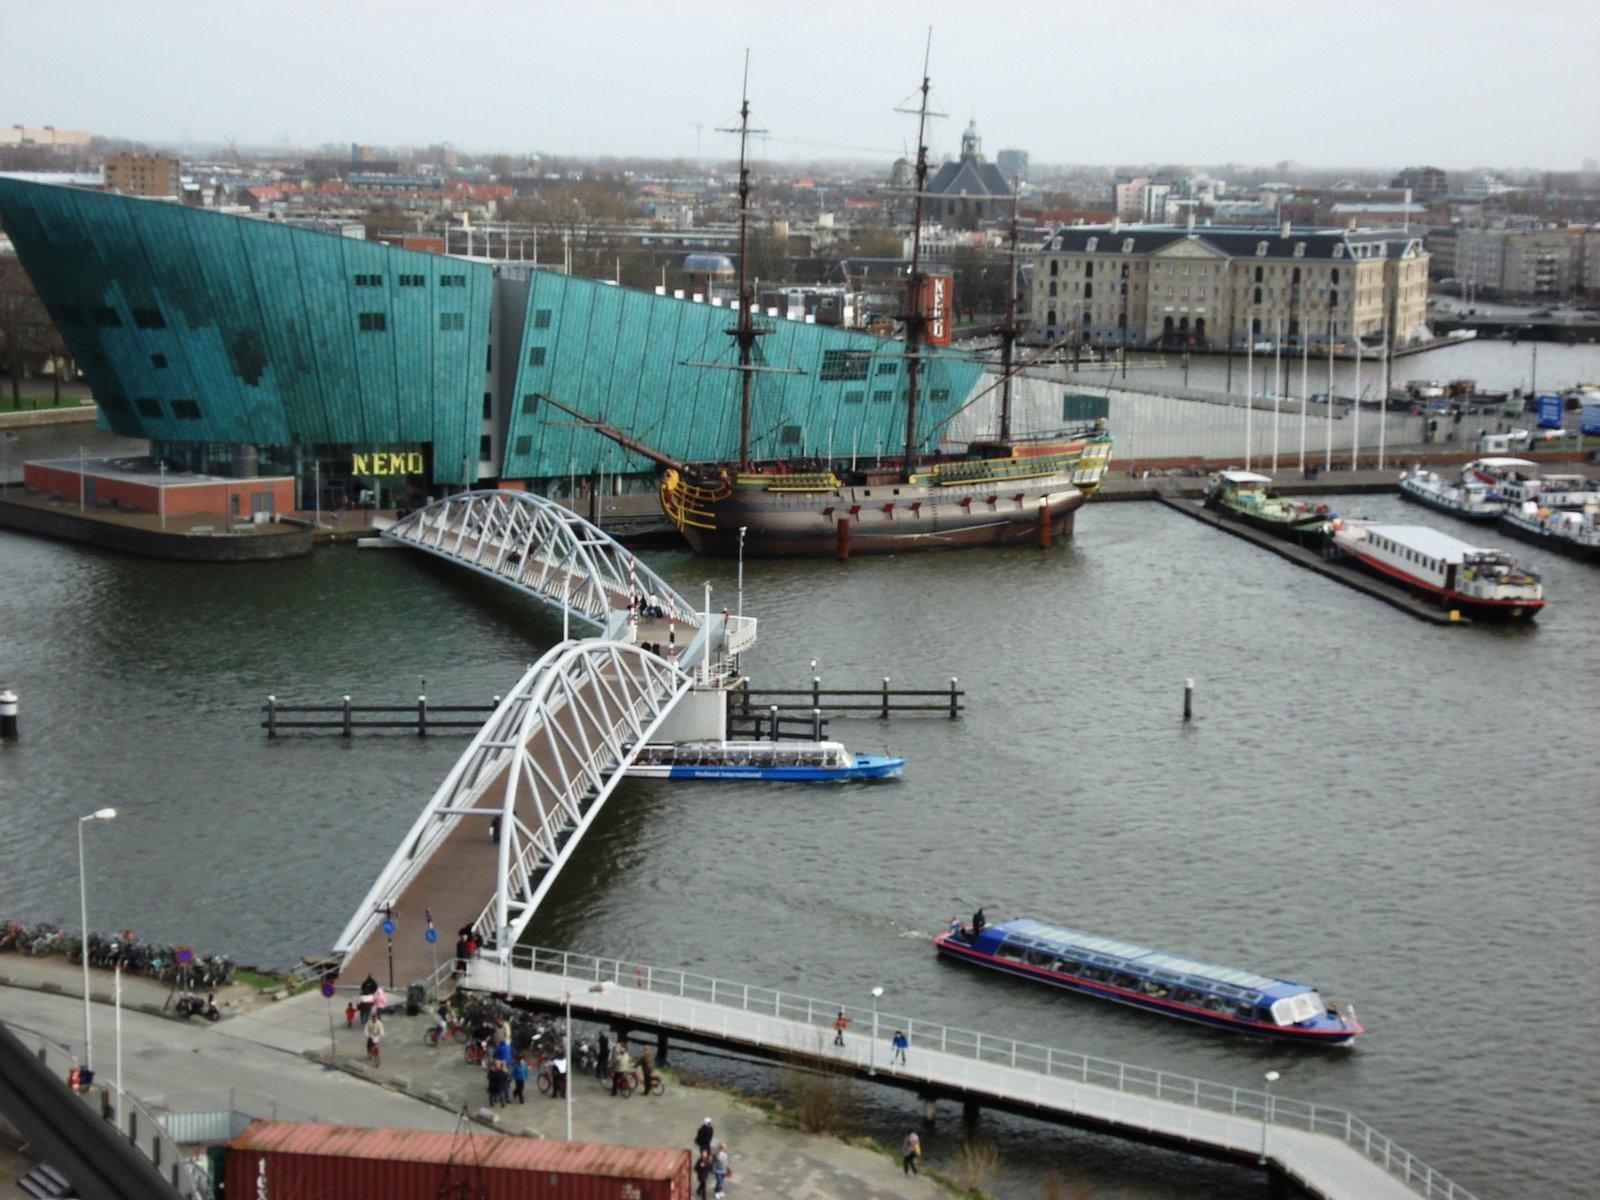 Museo Tecnologico, Amsterdam